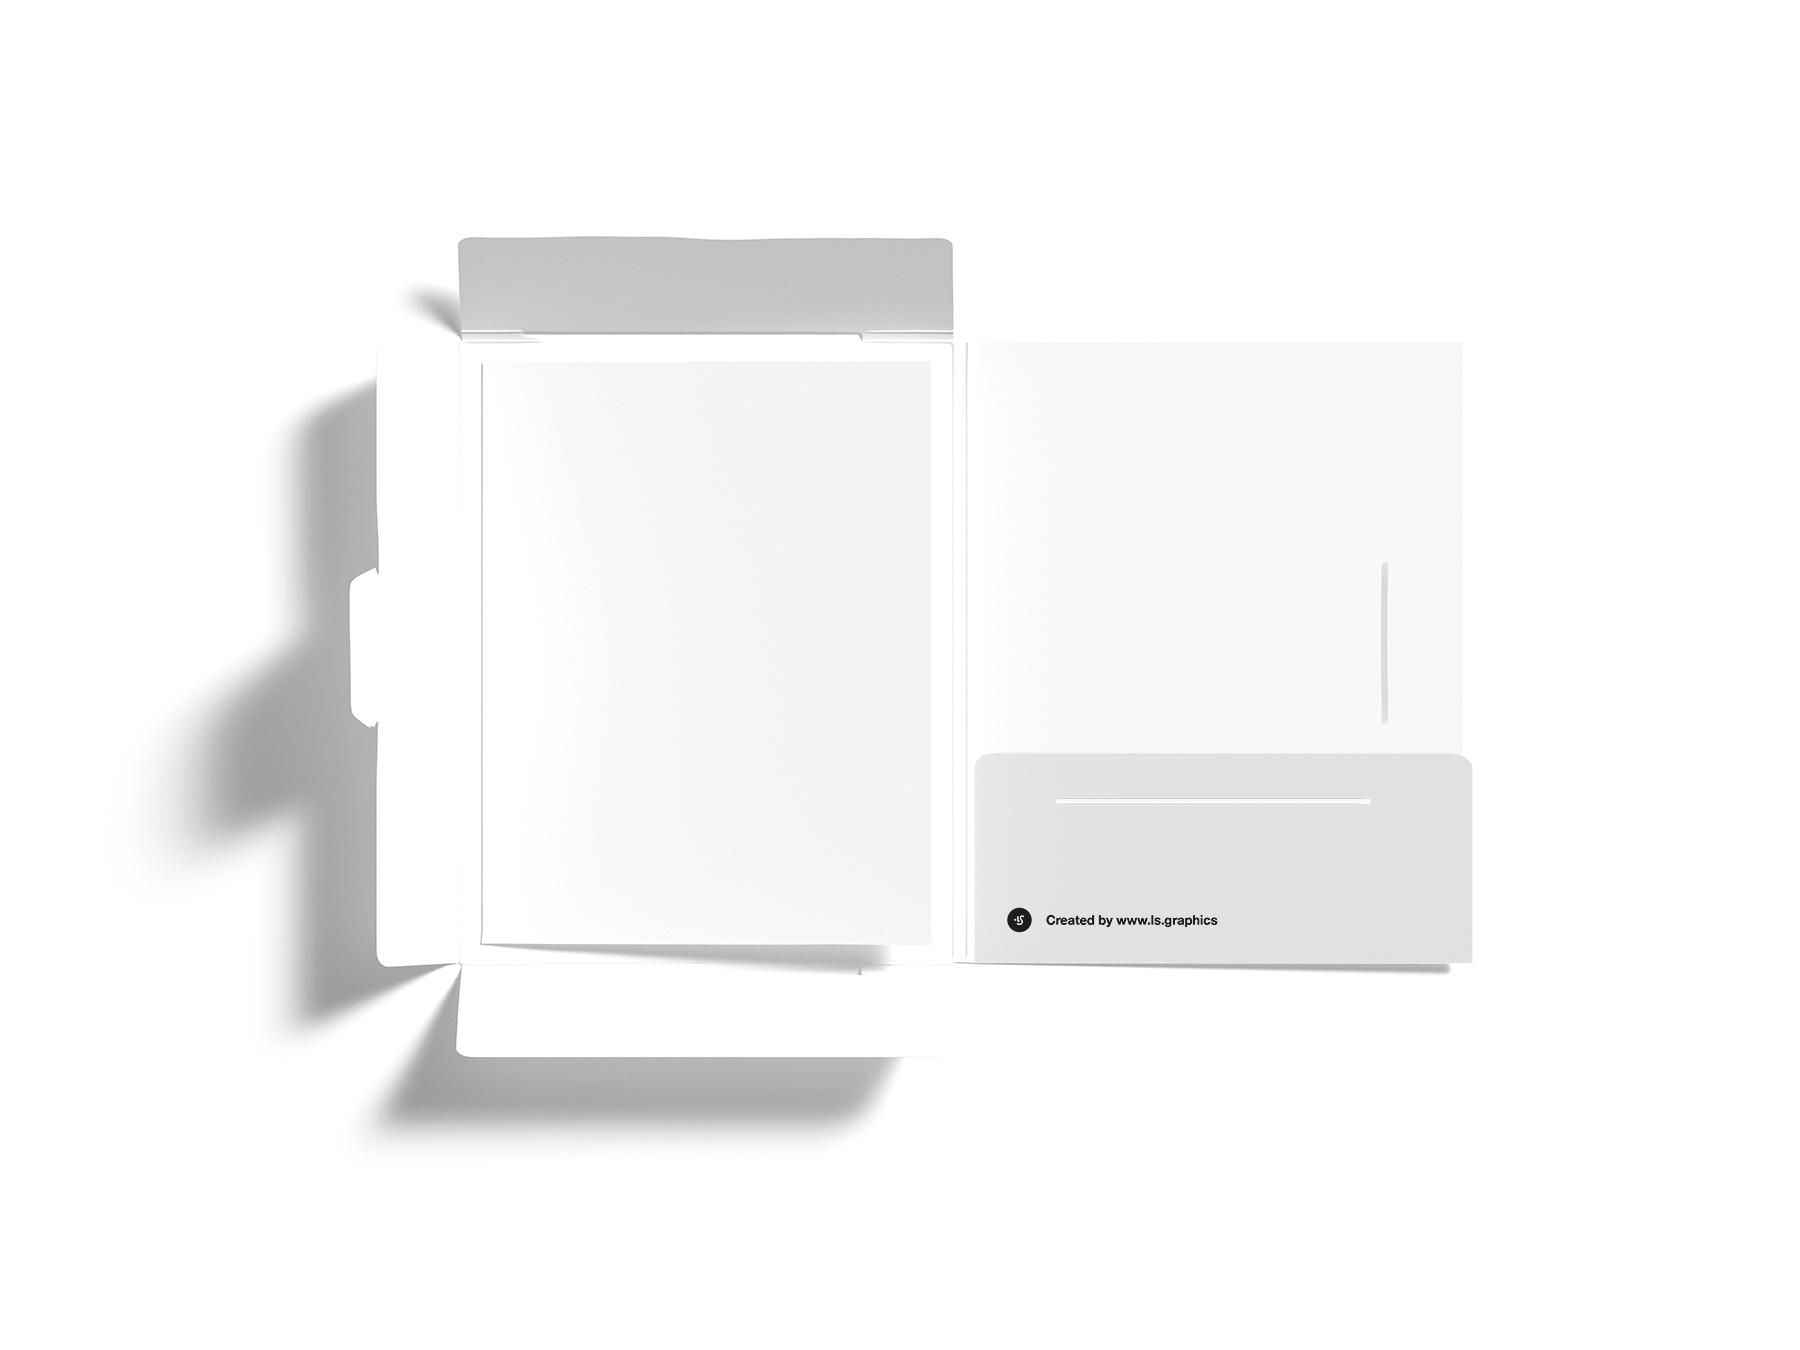 Free Letter and Paper Folder Mockup